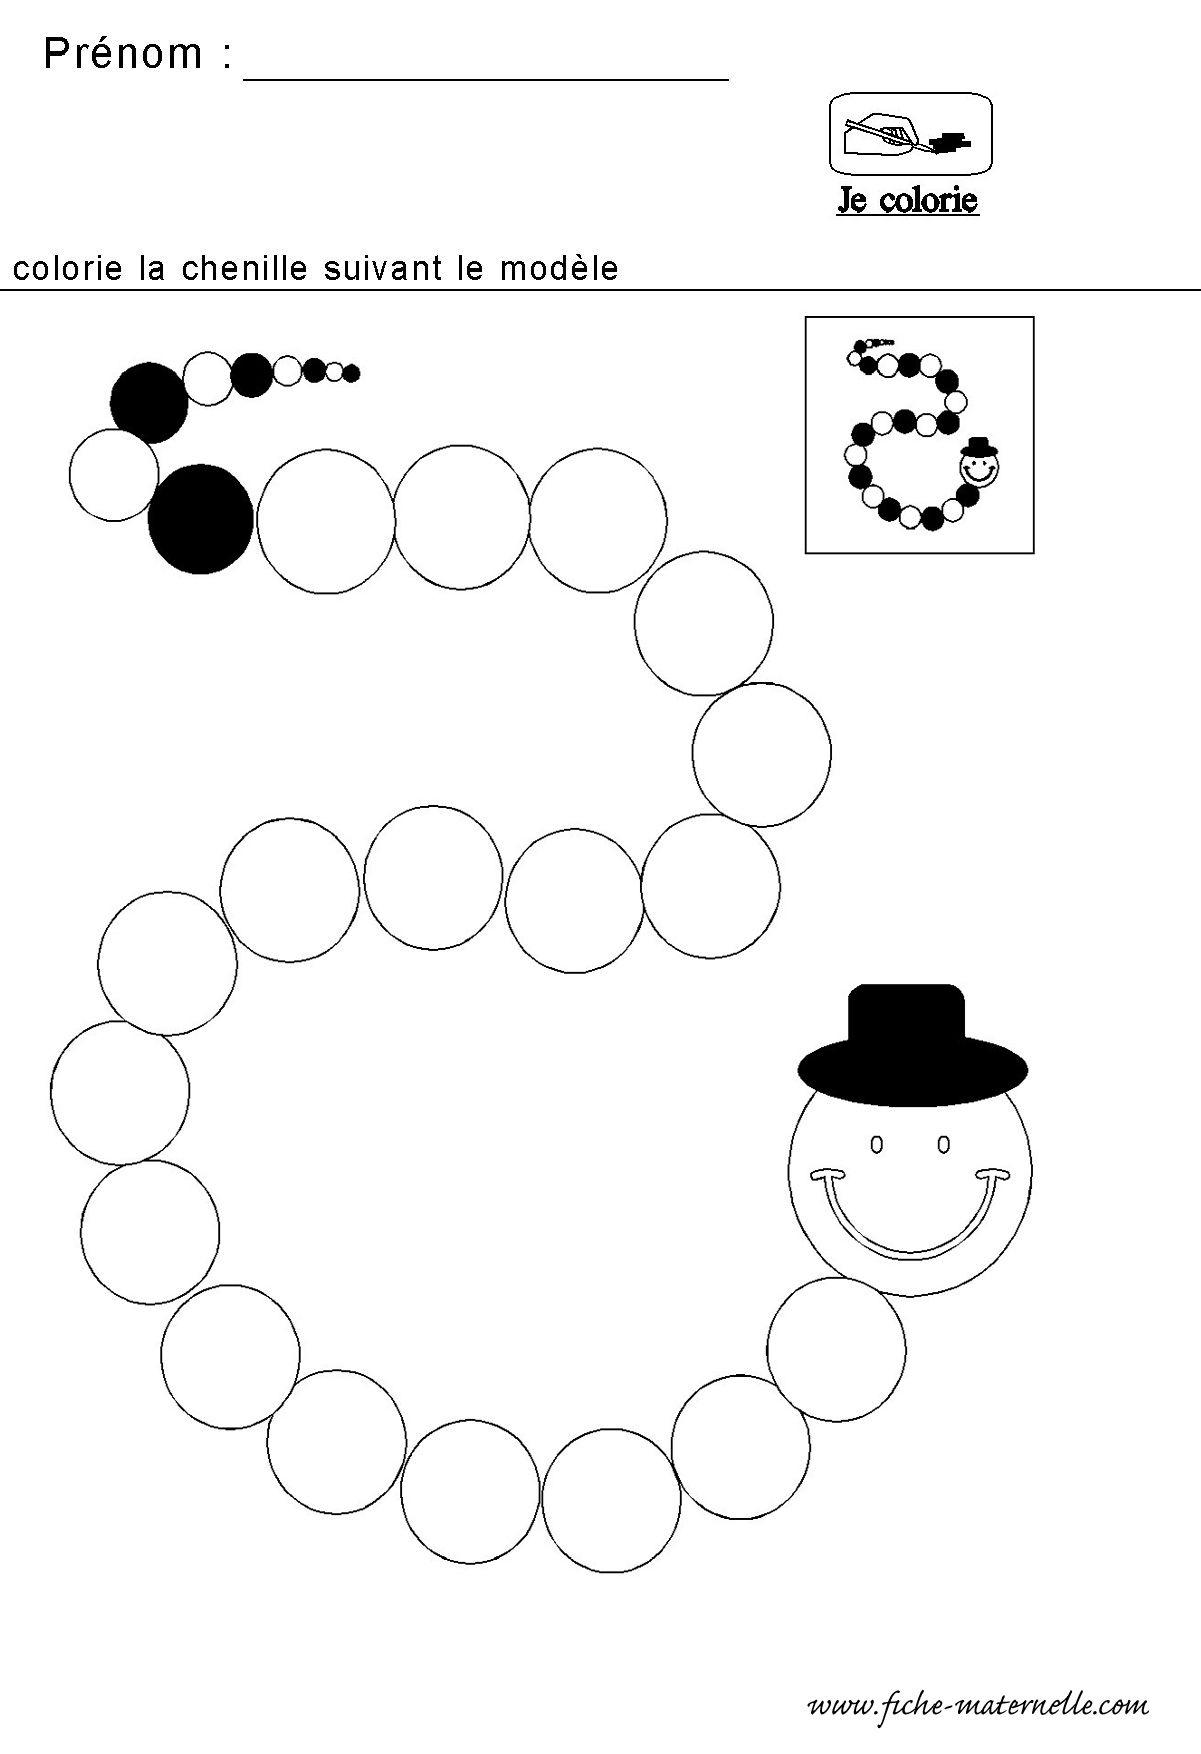 Mathematiques Maternelle Algorithme De La Chenille avec Grande Section Maternelle Age